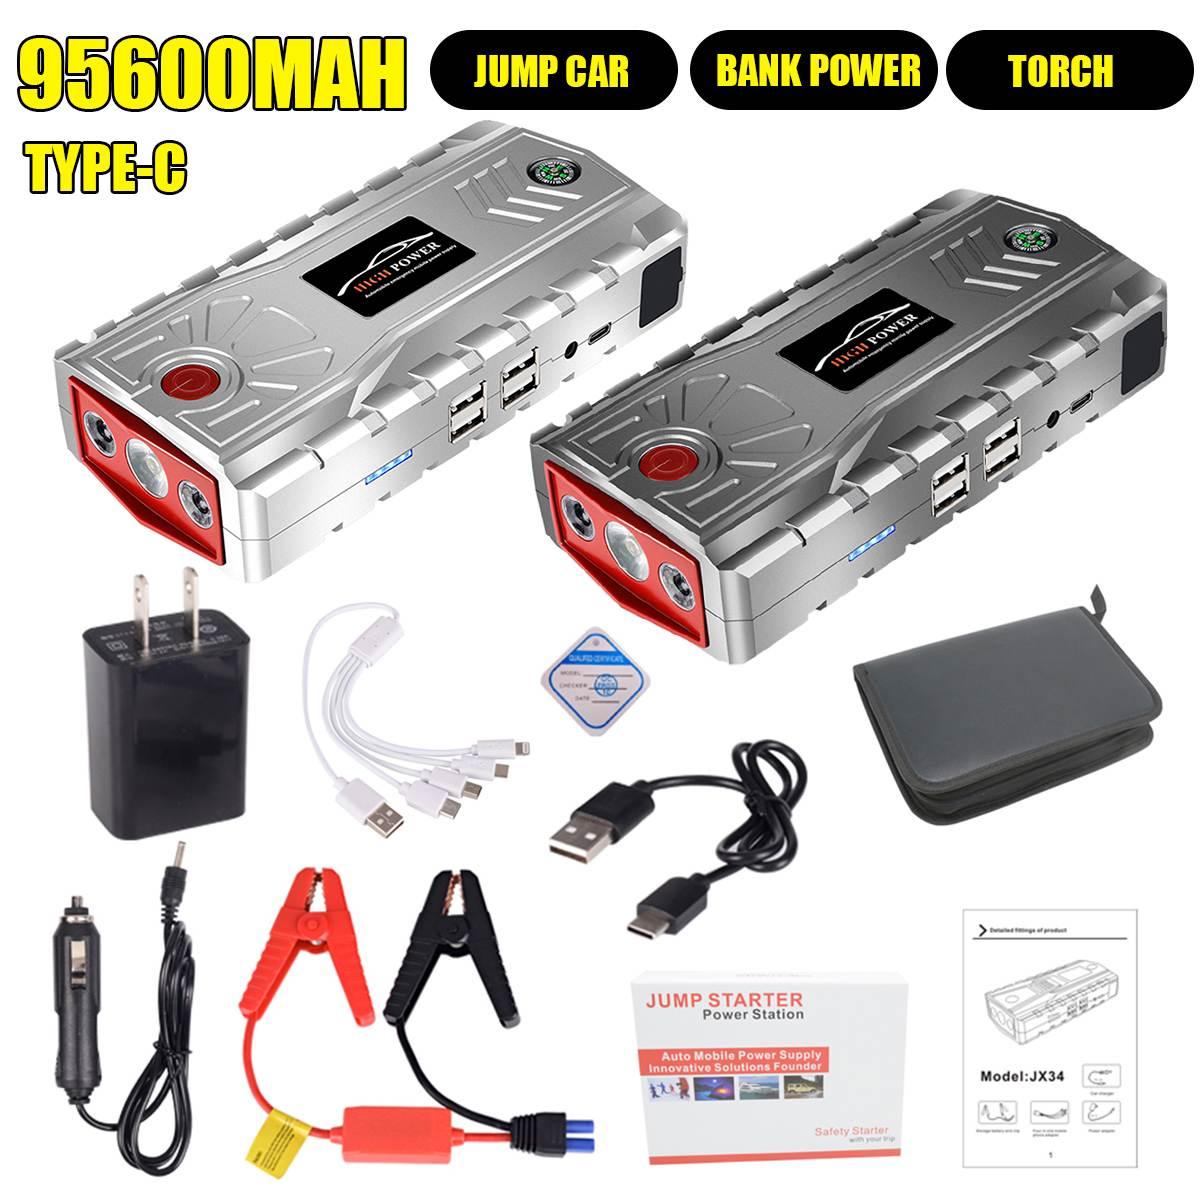 Carregador para carro, bateria de emergência portátil, 95600mah, lanterna led 4 usb tipo c